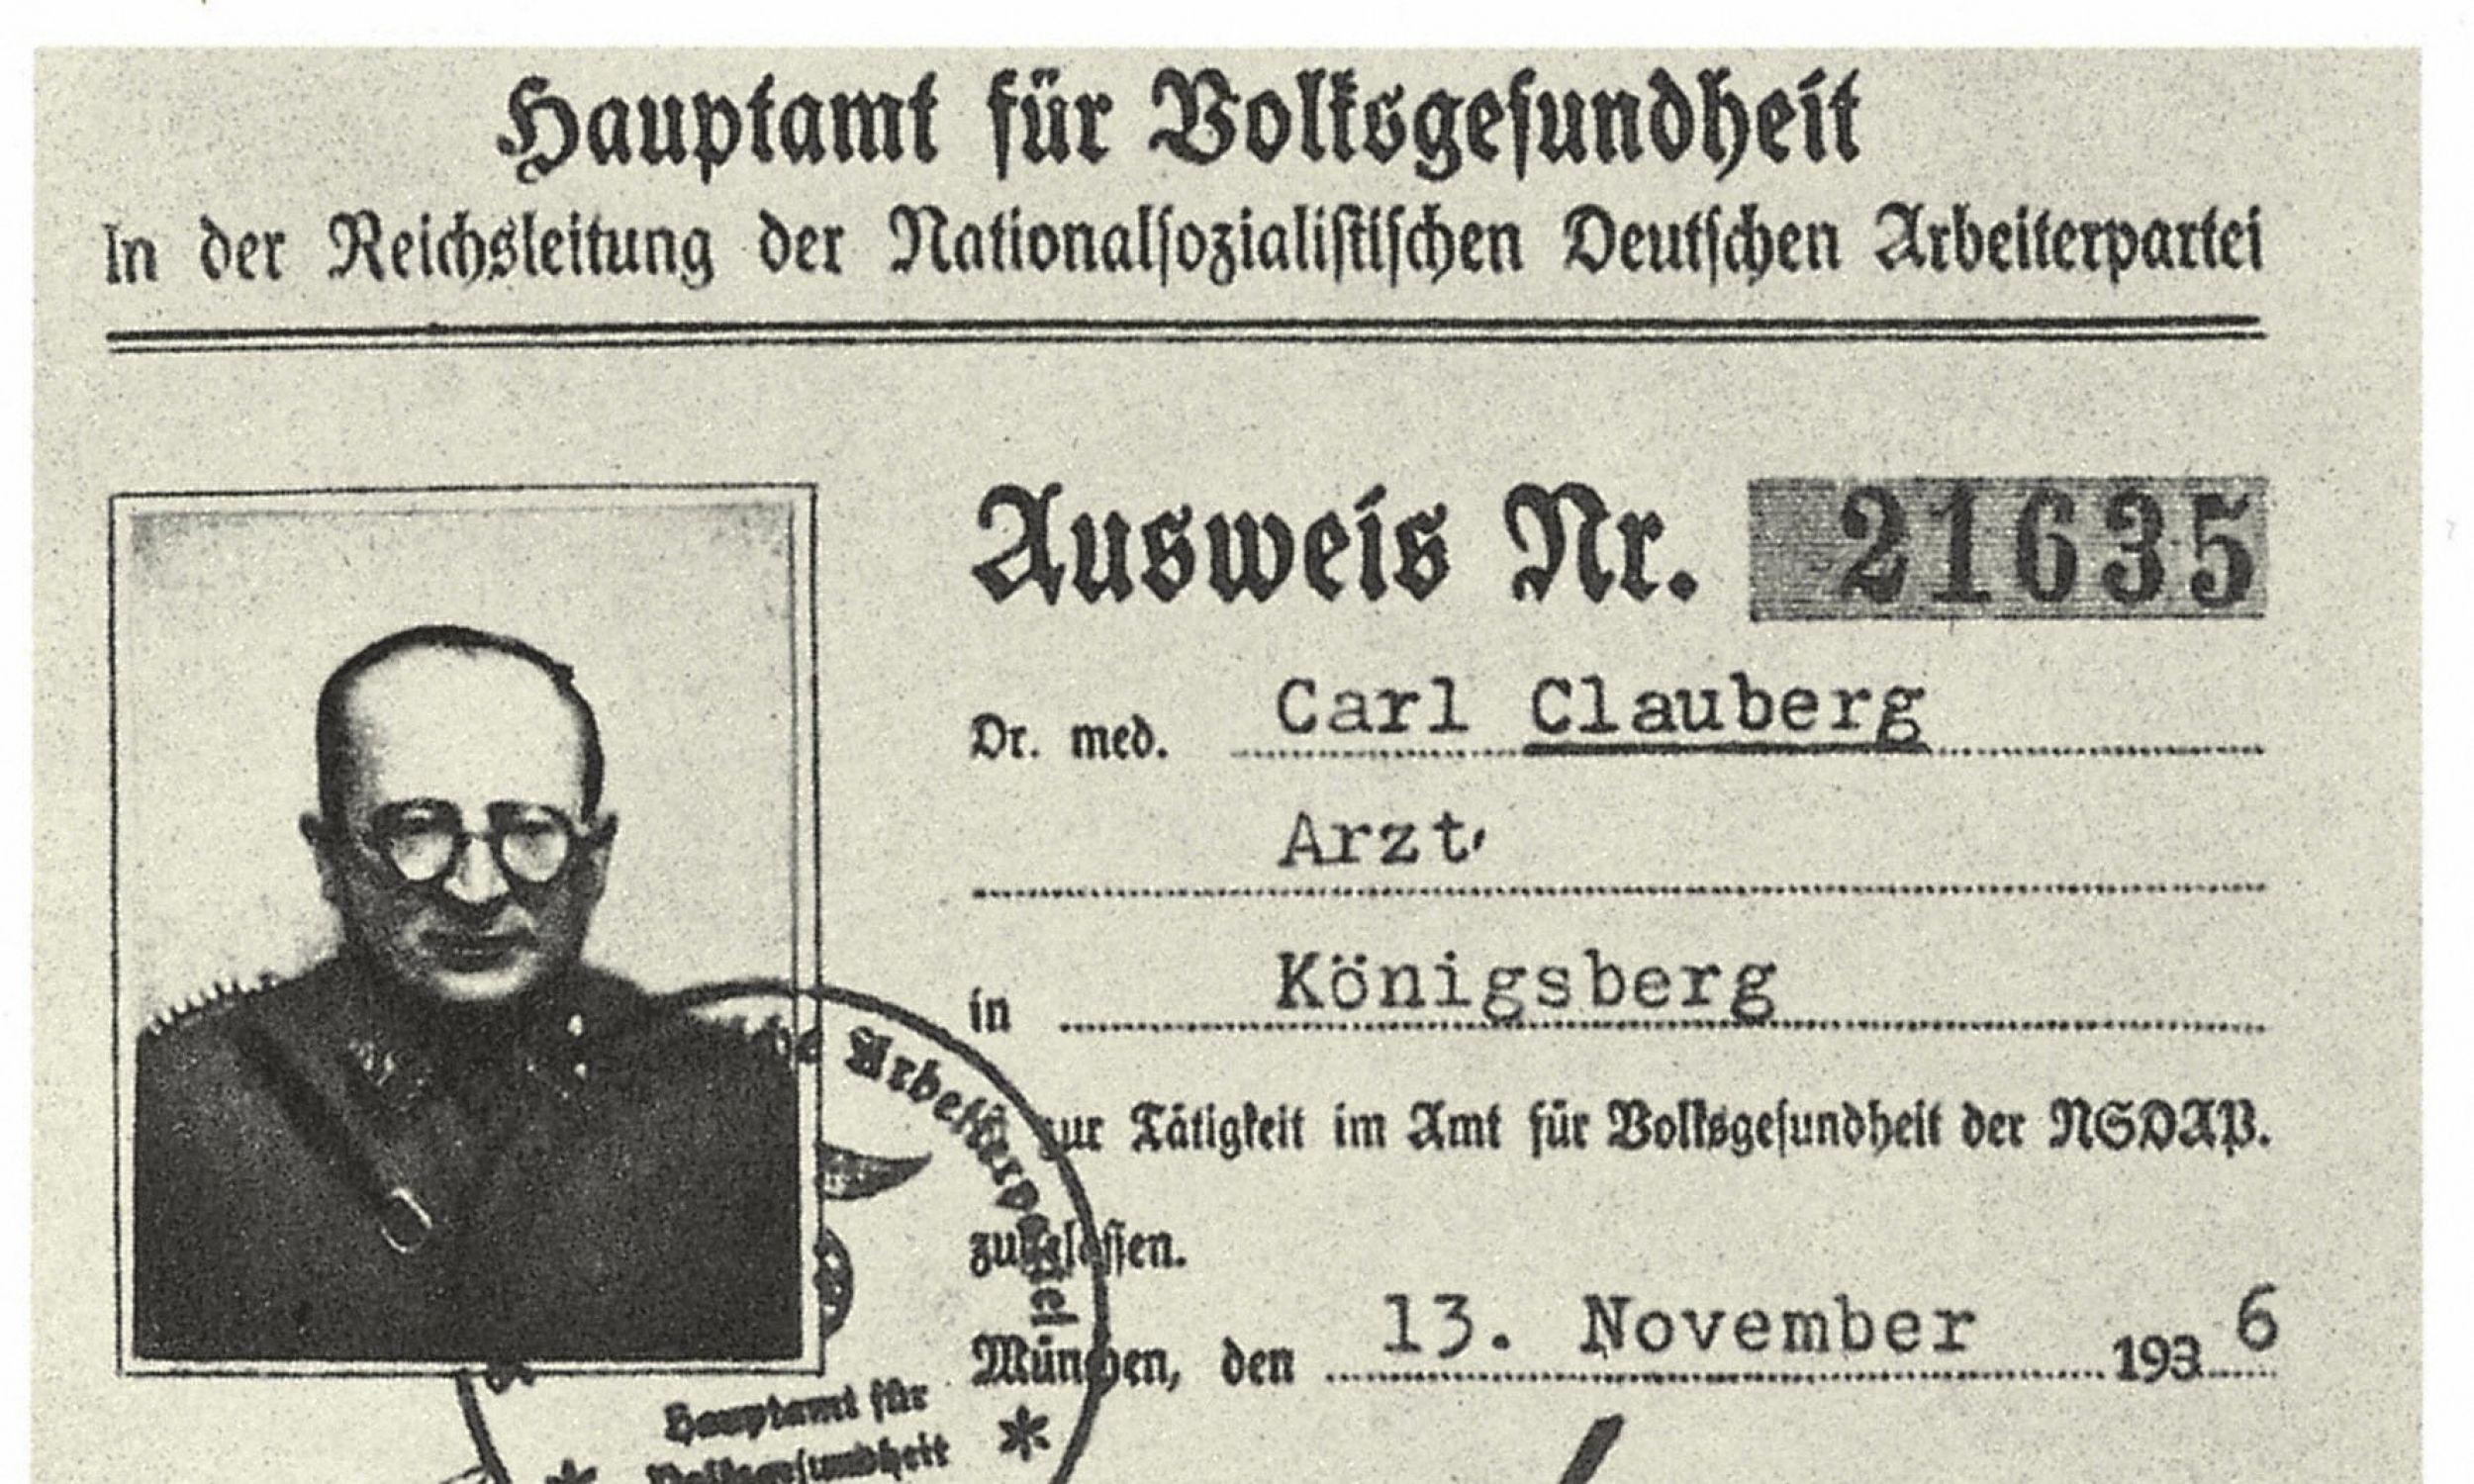 """Carl Clauberg w 1930 r. opracował test Clauberga (oznaczanie progesteronu). A w czasie II wojny robił na więzionych w obozie kobietach bolesne i często śmiertelne eksperymenty, poszukując sposobów masowej sterylizacji, by wyeliminować z ludzkości """"elementy niepożądane"""". Fot. Photo 12 / UIG via Getty Images"""